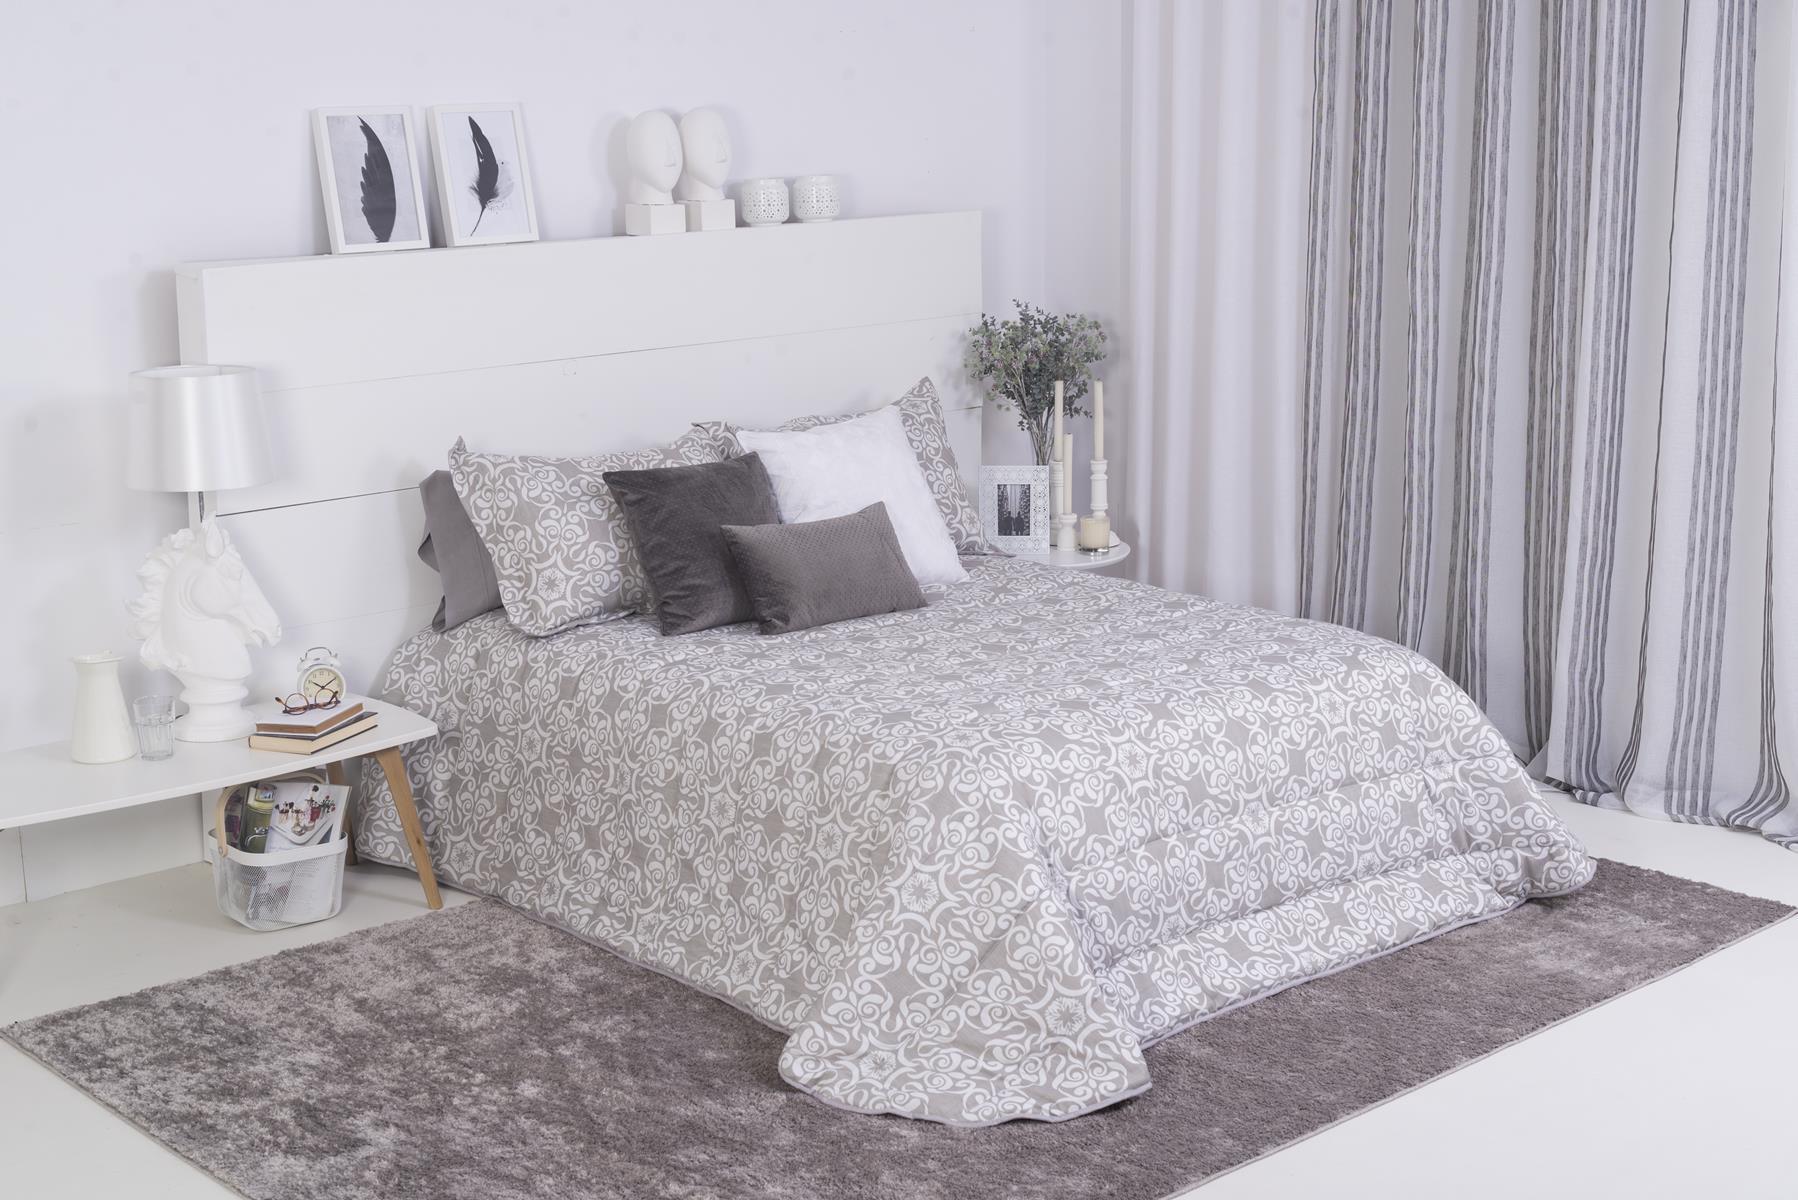 Cojines decorativos en la cama, sí o no? | Magazine | Bertha Hogar